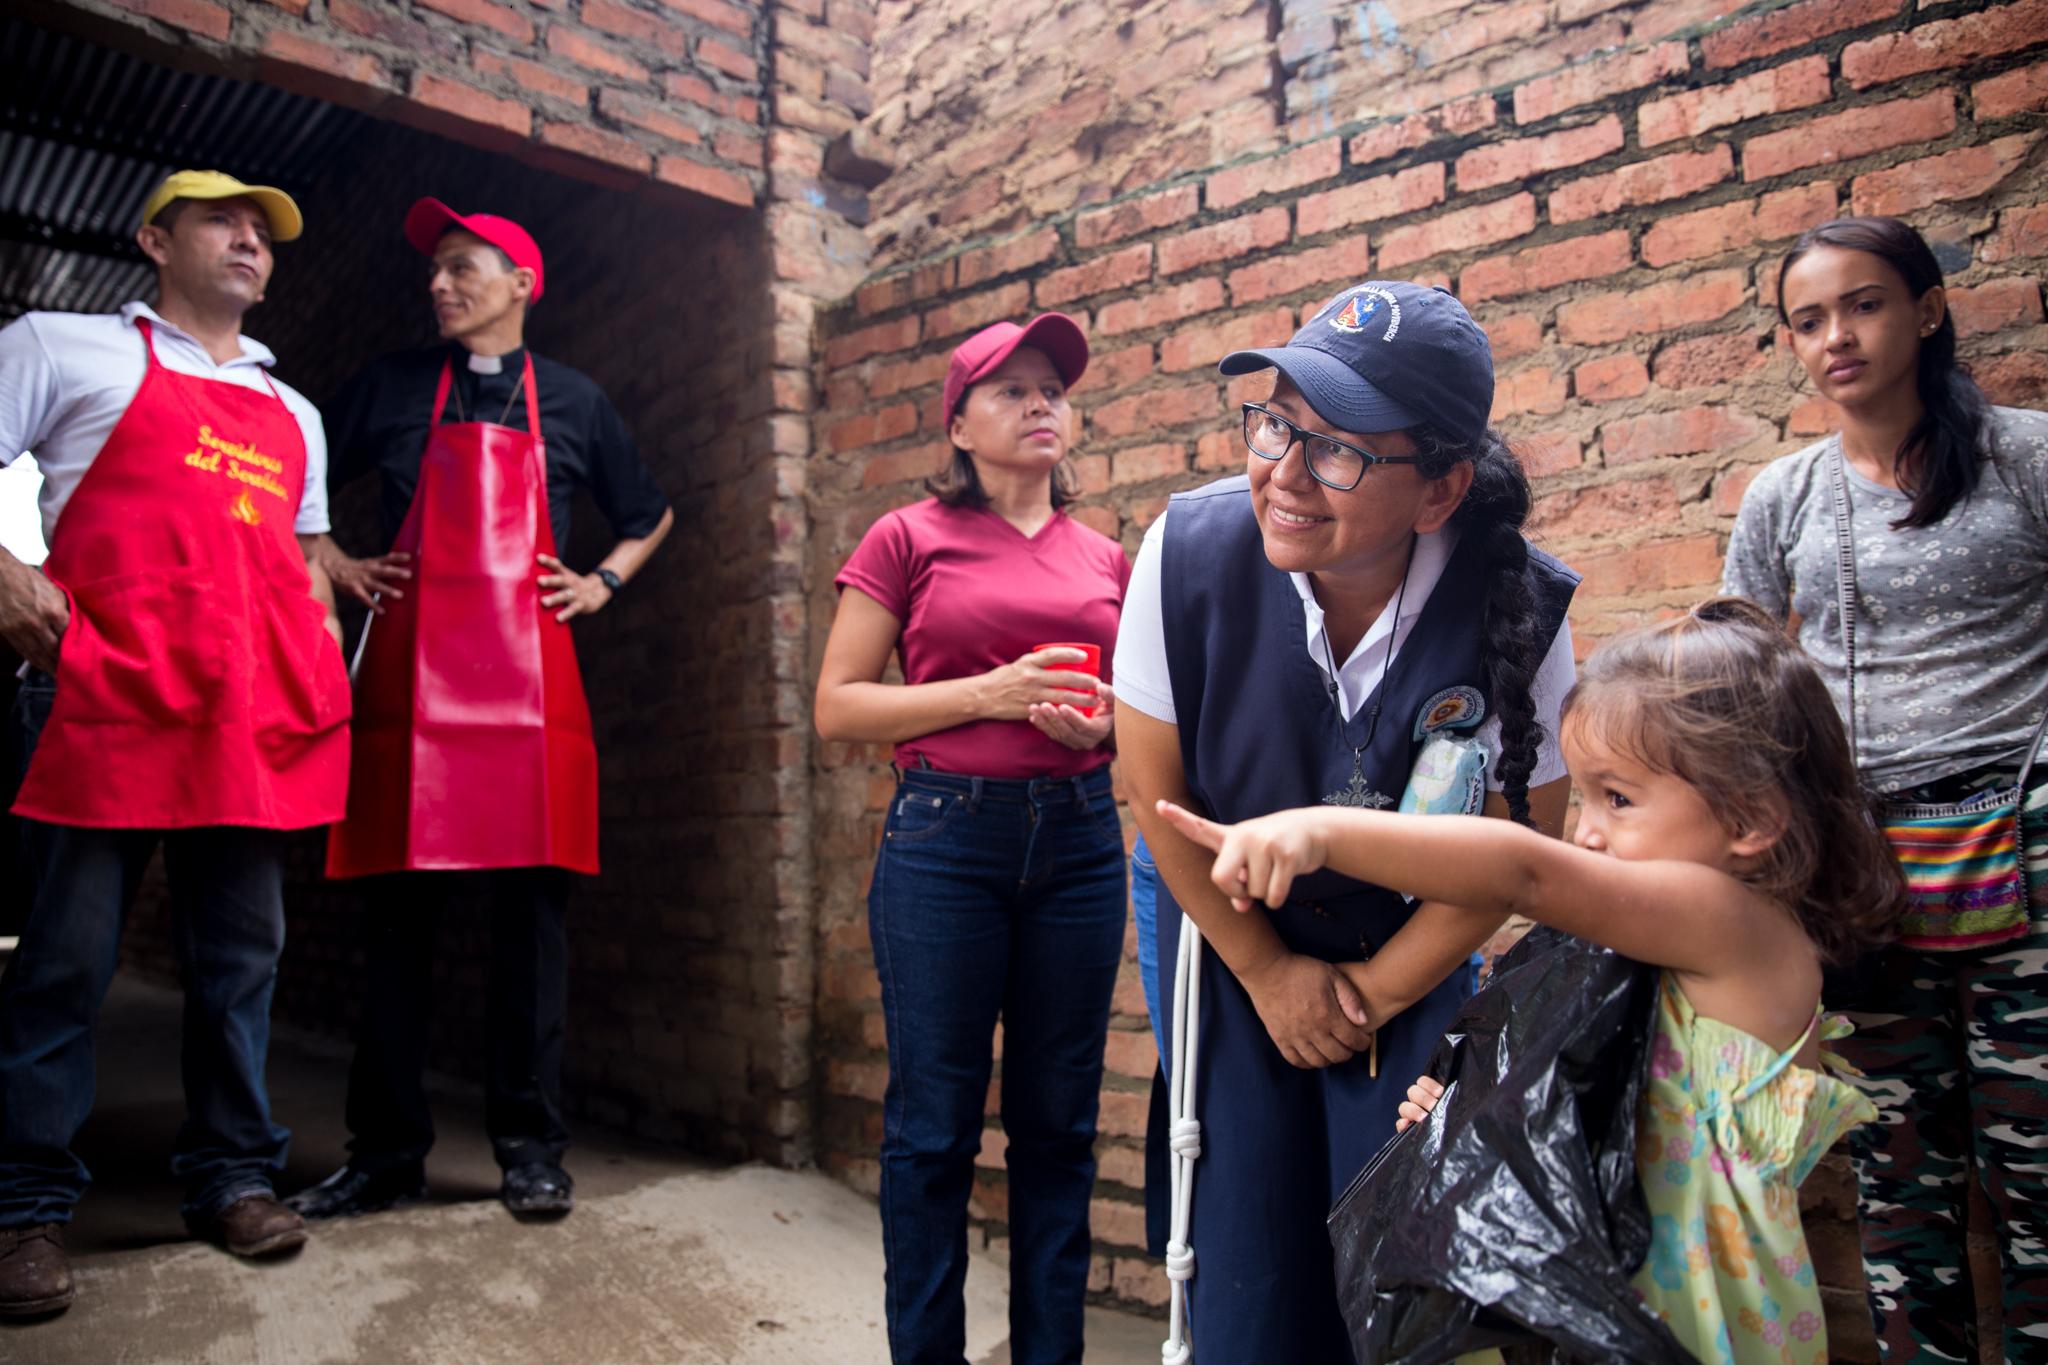 2018-04-04_Cucuta_Venezuela_Aid_WFP_Pu.Ying.Huang198.jpg